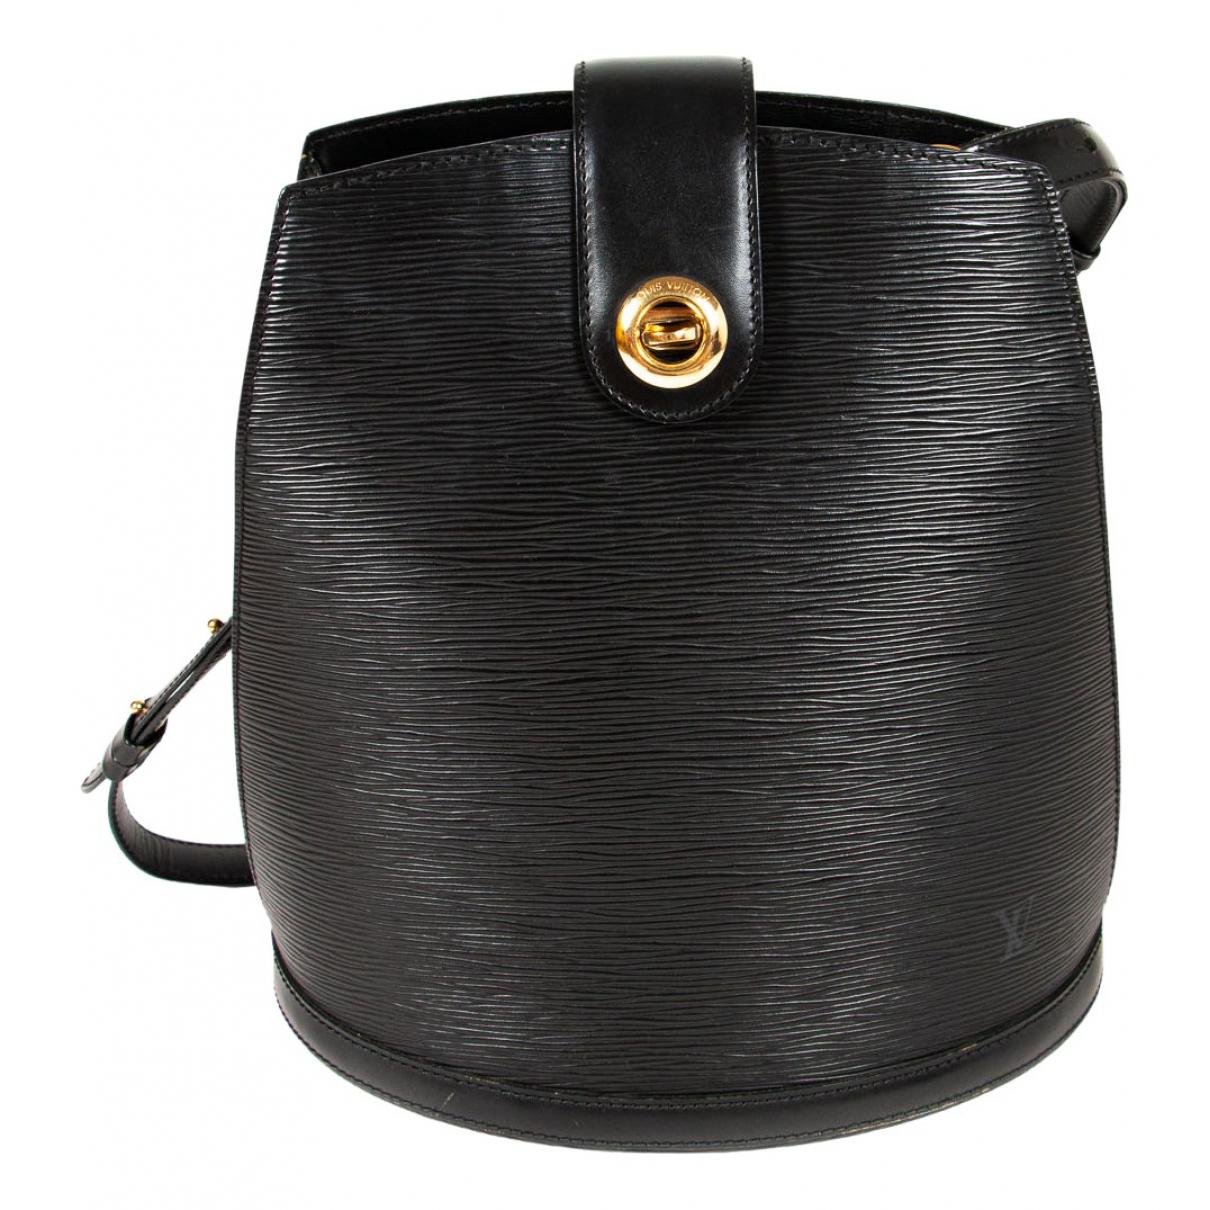 Louis Vuitton - Sac a main Cluny Vintage pour femme en cuir - noir